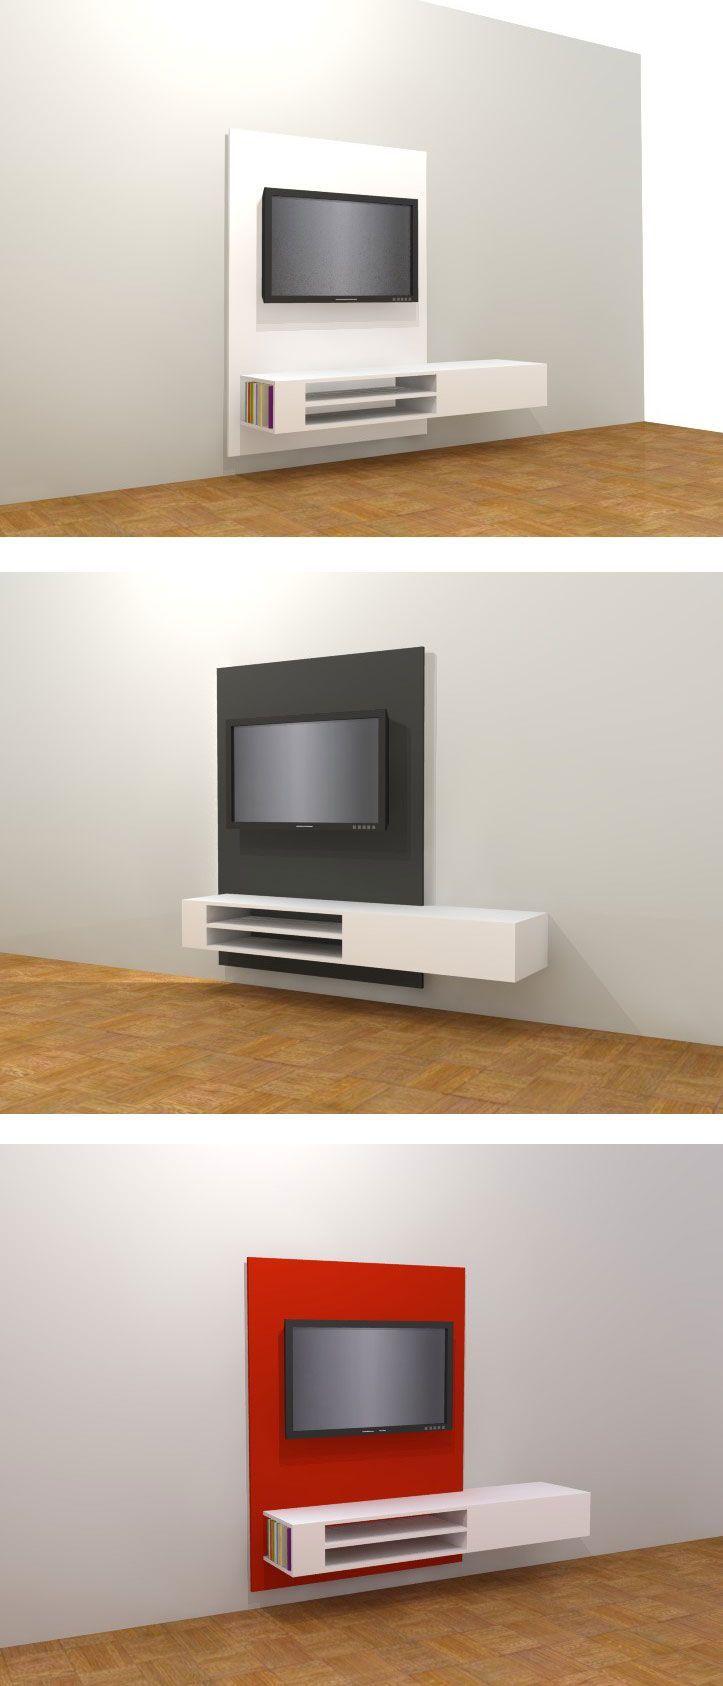 Innenarchitektur für schlafzimmer-tv-einheit pin von alexander frank auf wohnideen  pinterest  tv möbel